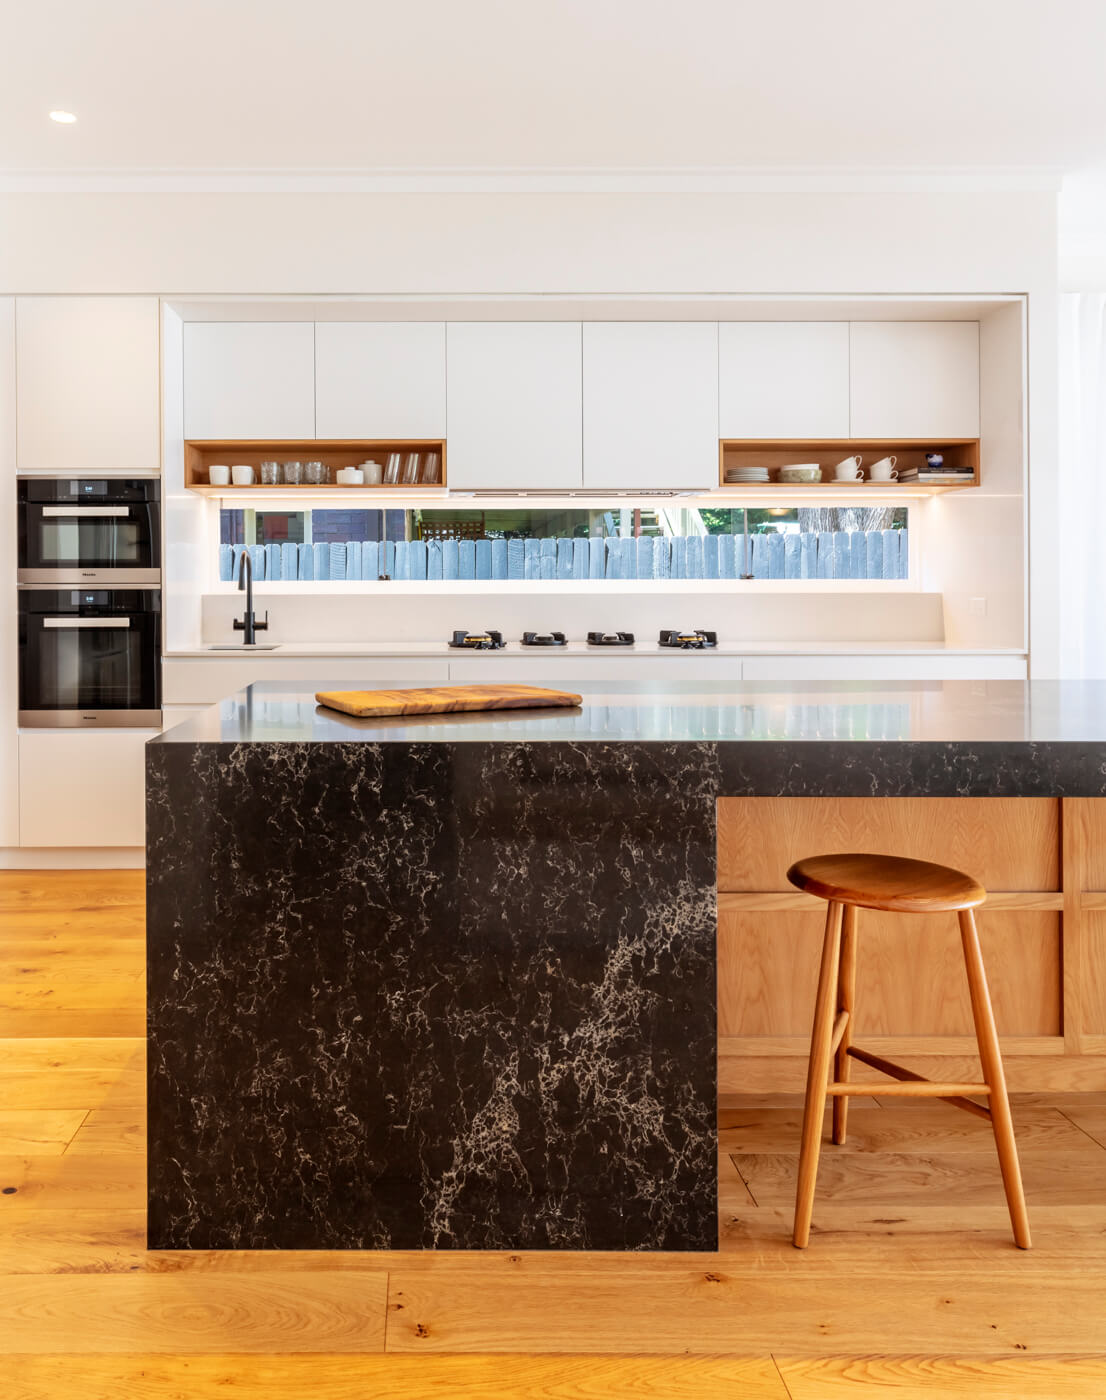 2018-Evans 2 kitchen 4 PR x